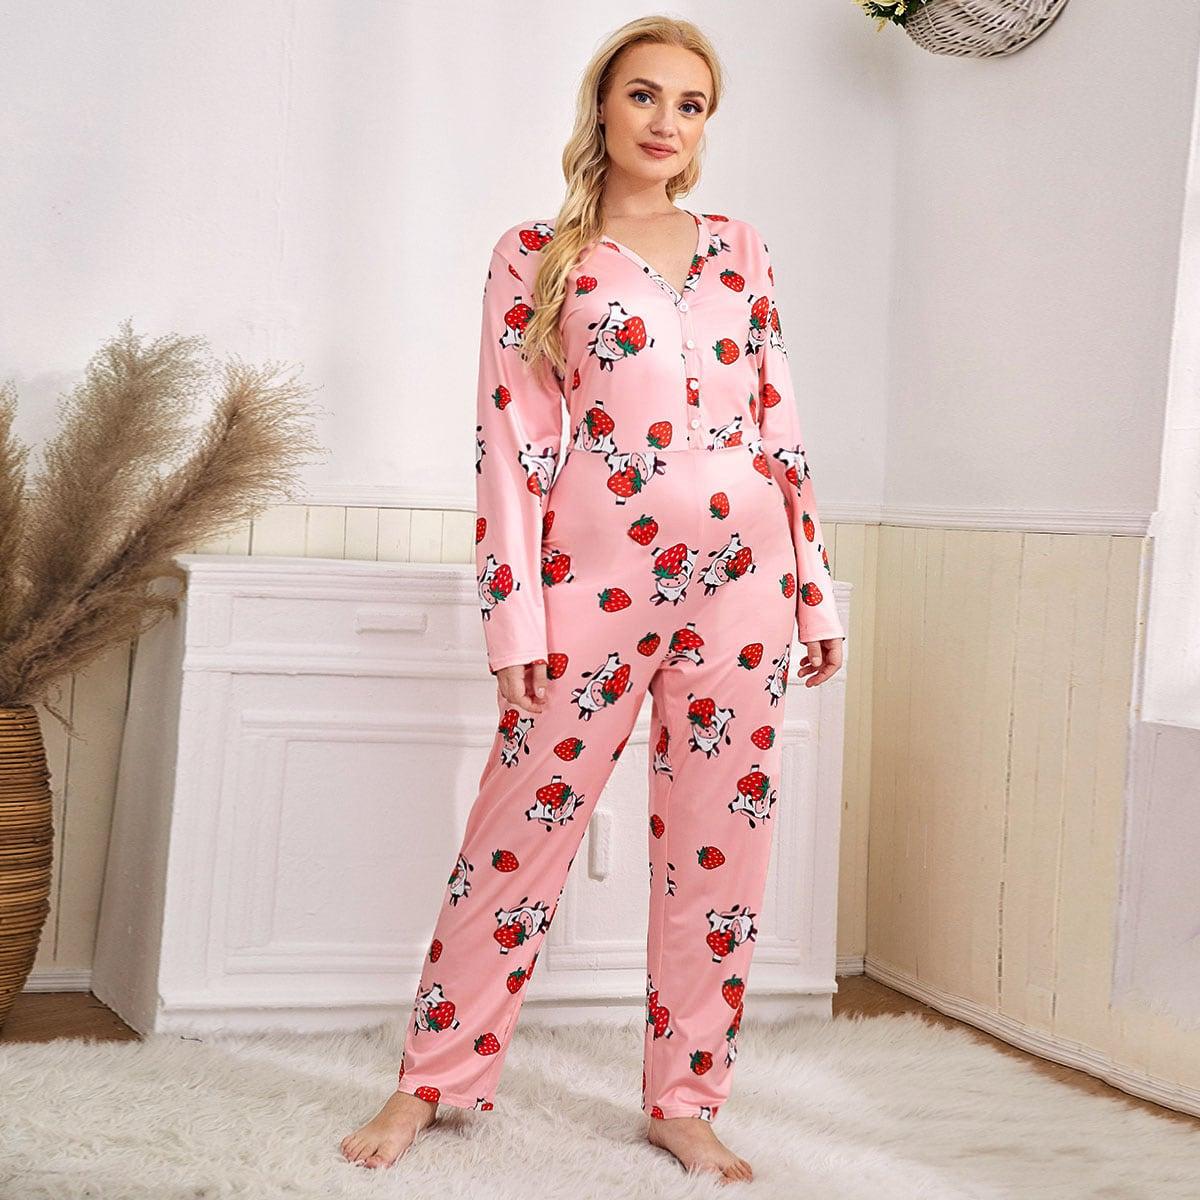 Пуговица мультяшный принт милый пижамный комбинезон размера плюс